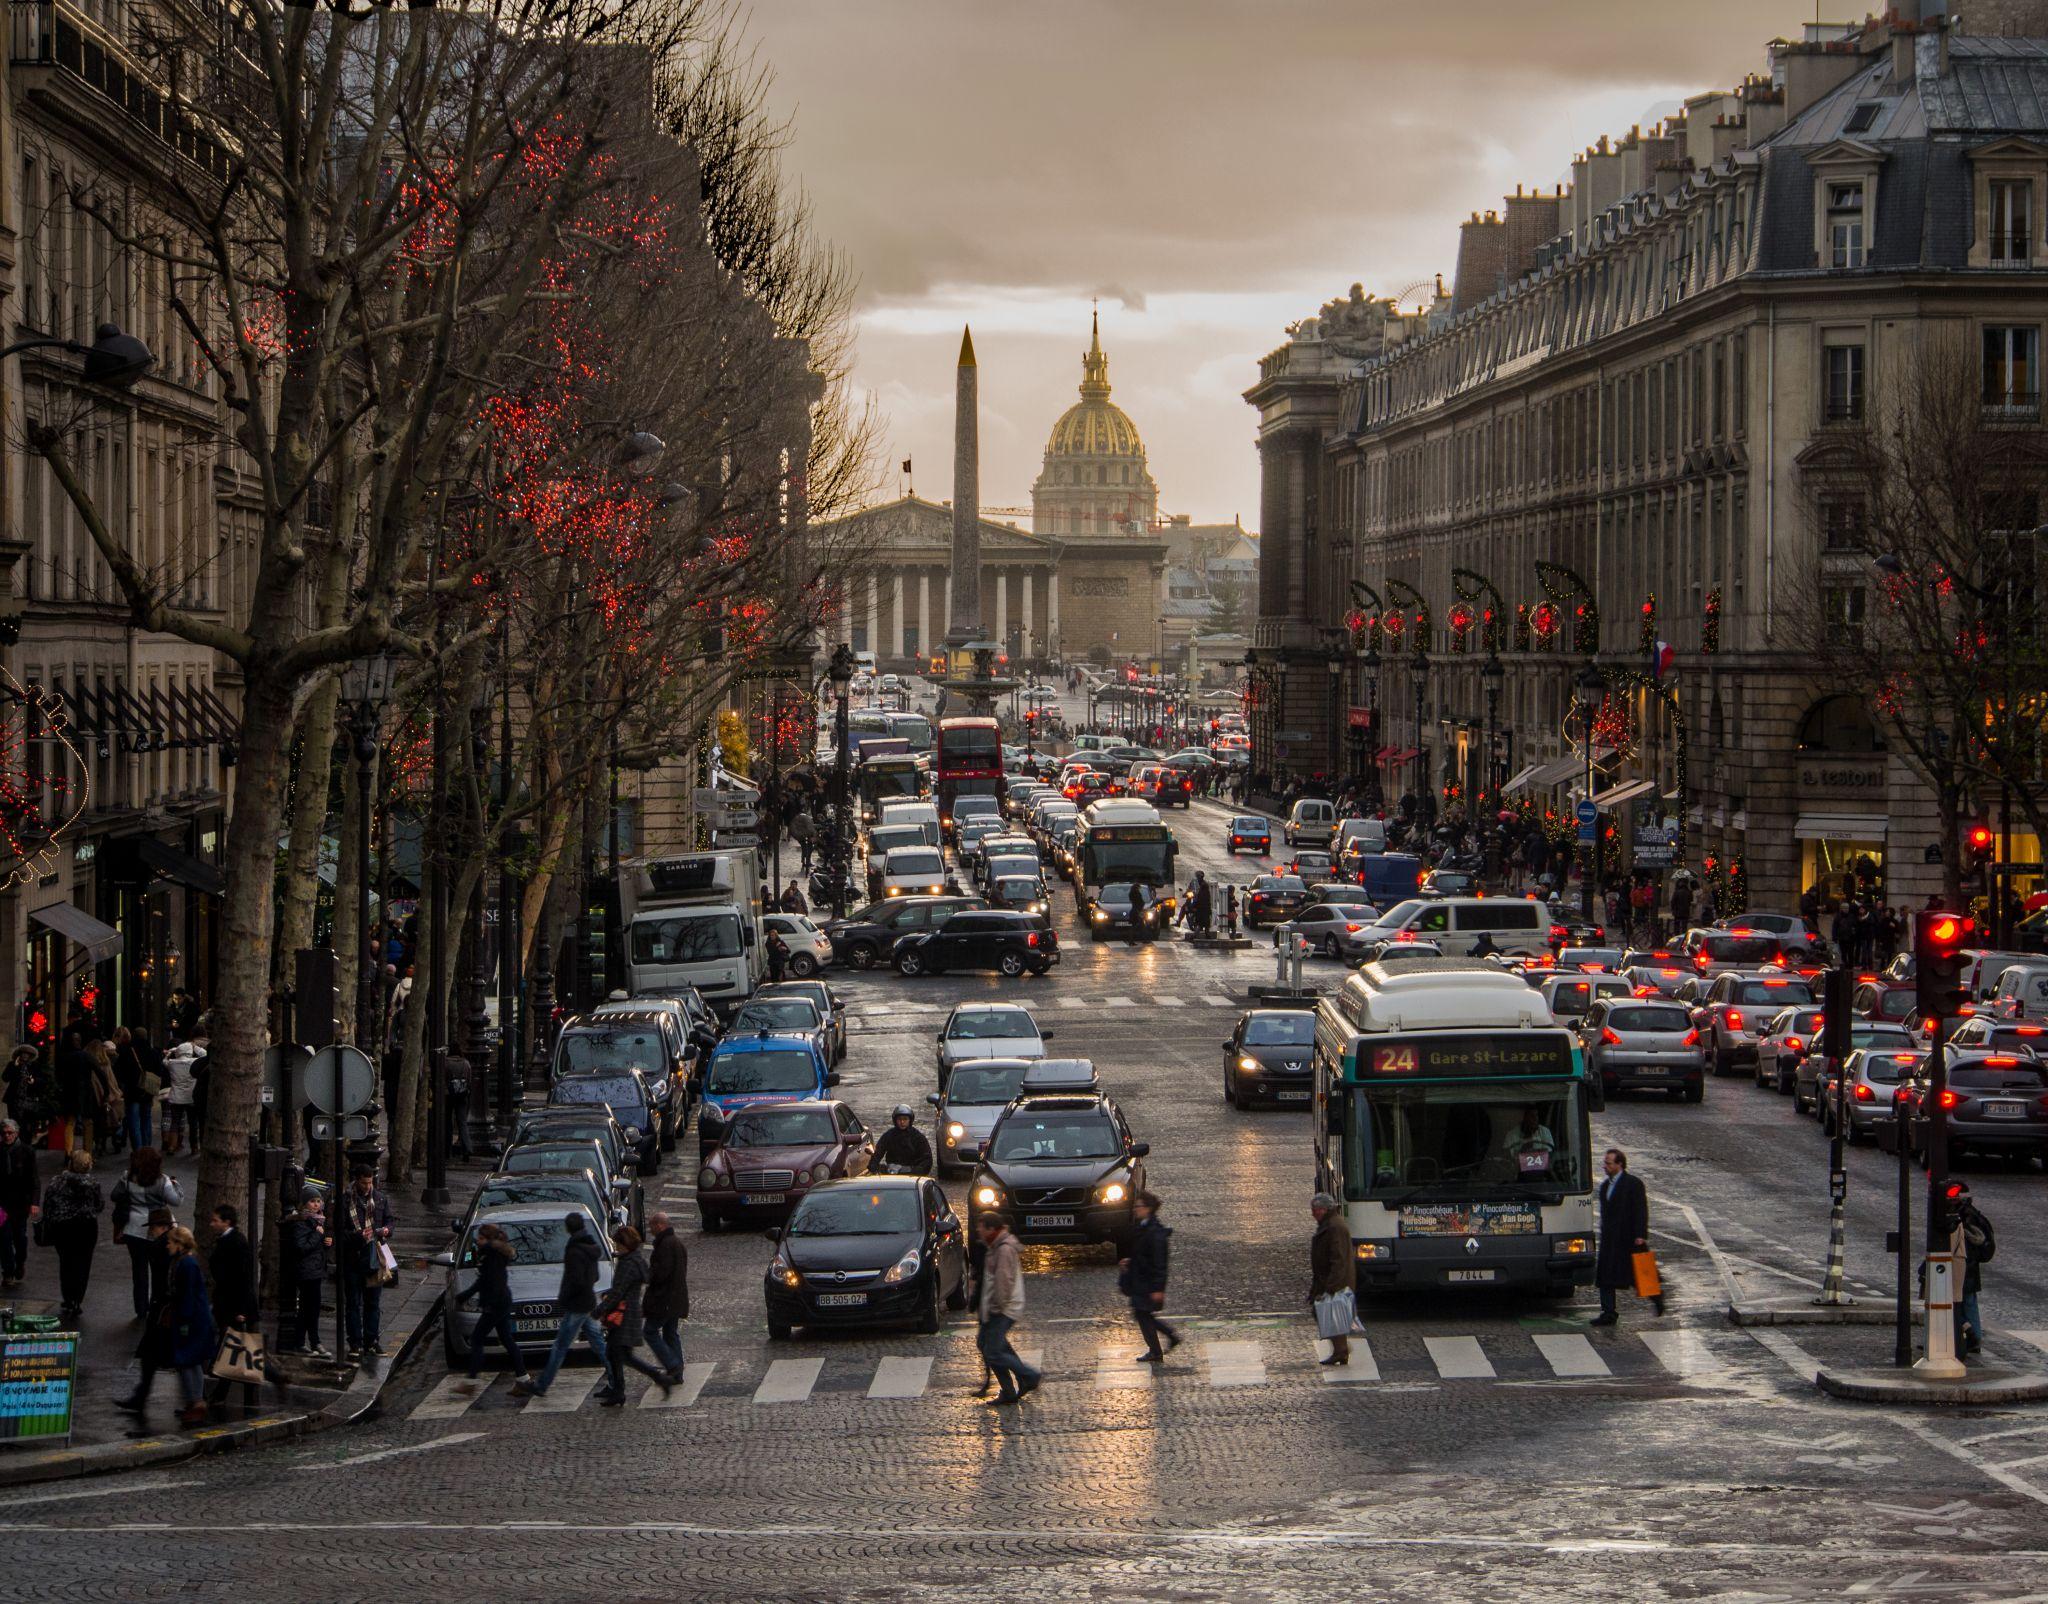 Place de la Madeleine, France